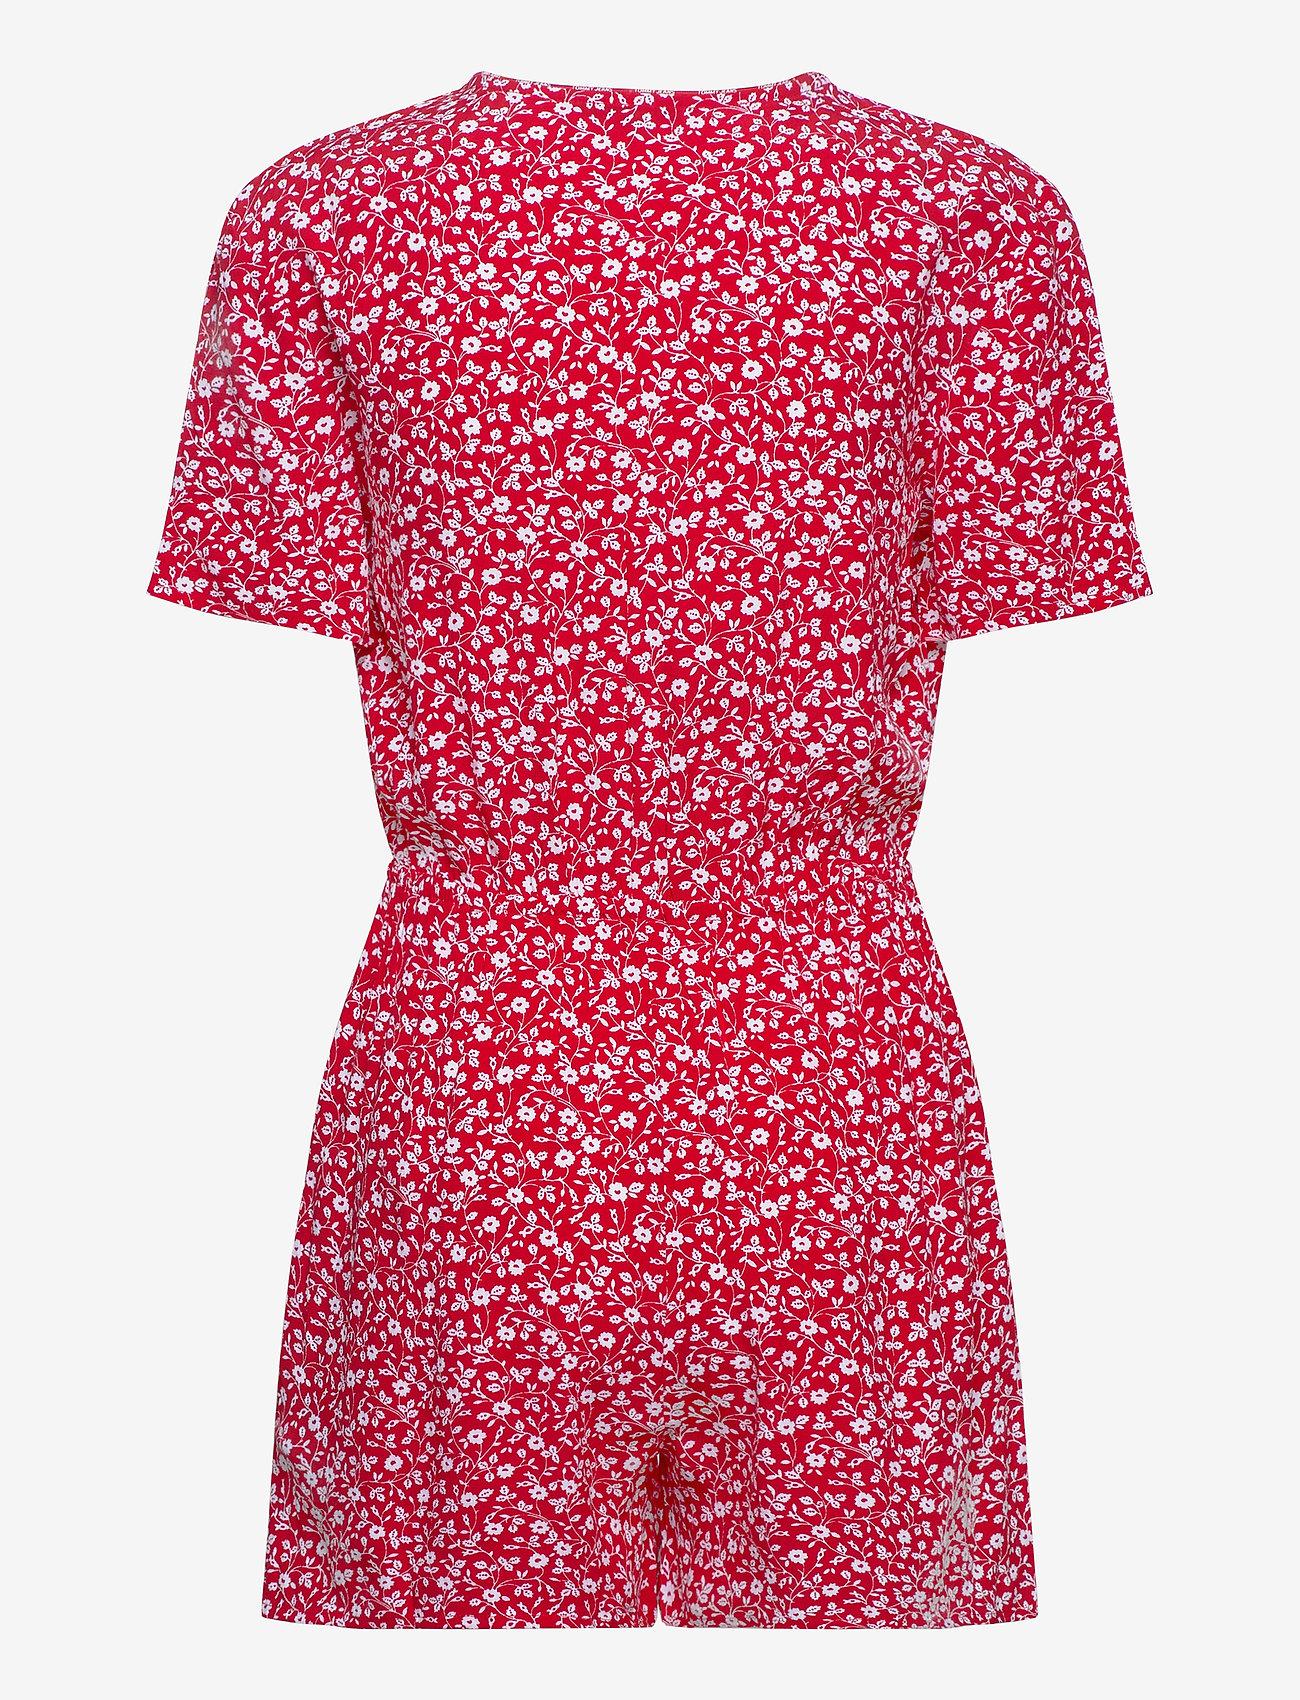 Tommy Jeans - TJW FLORAL PLAYSUIT - combinaisons - floral print / deep crimson - 1